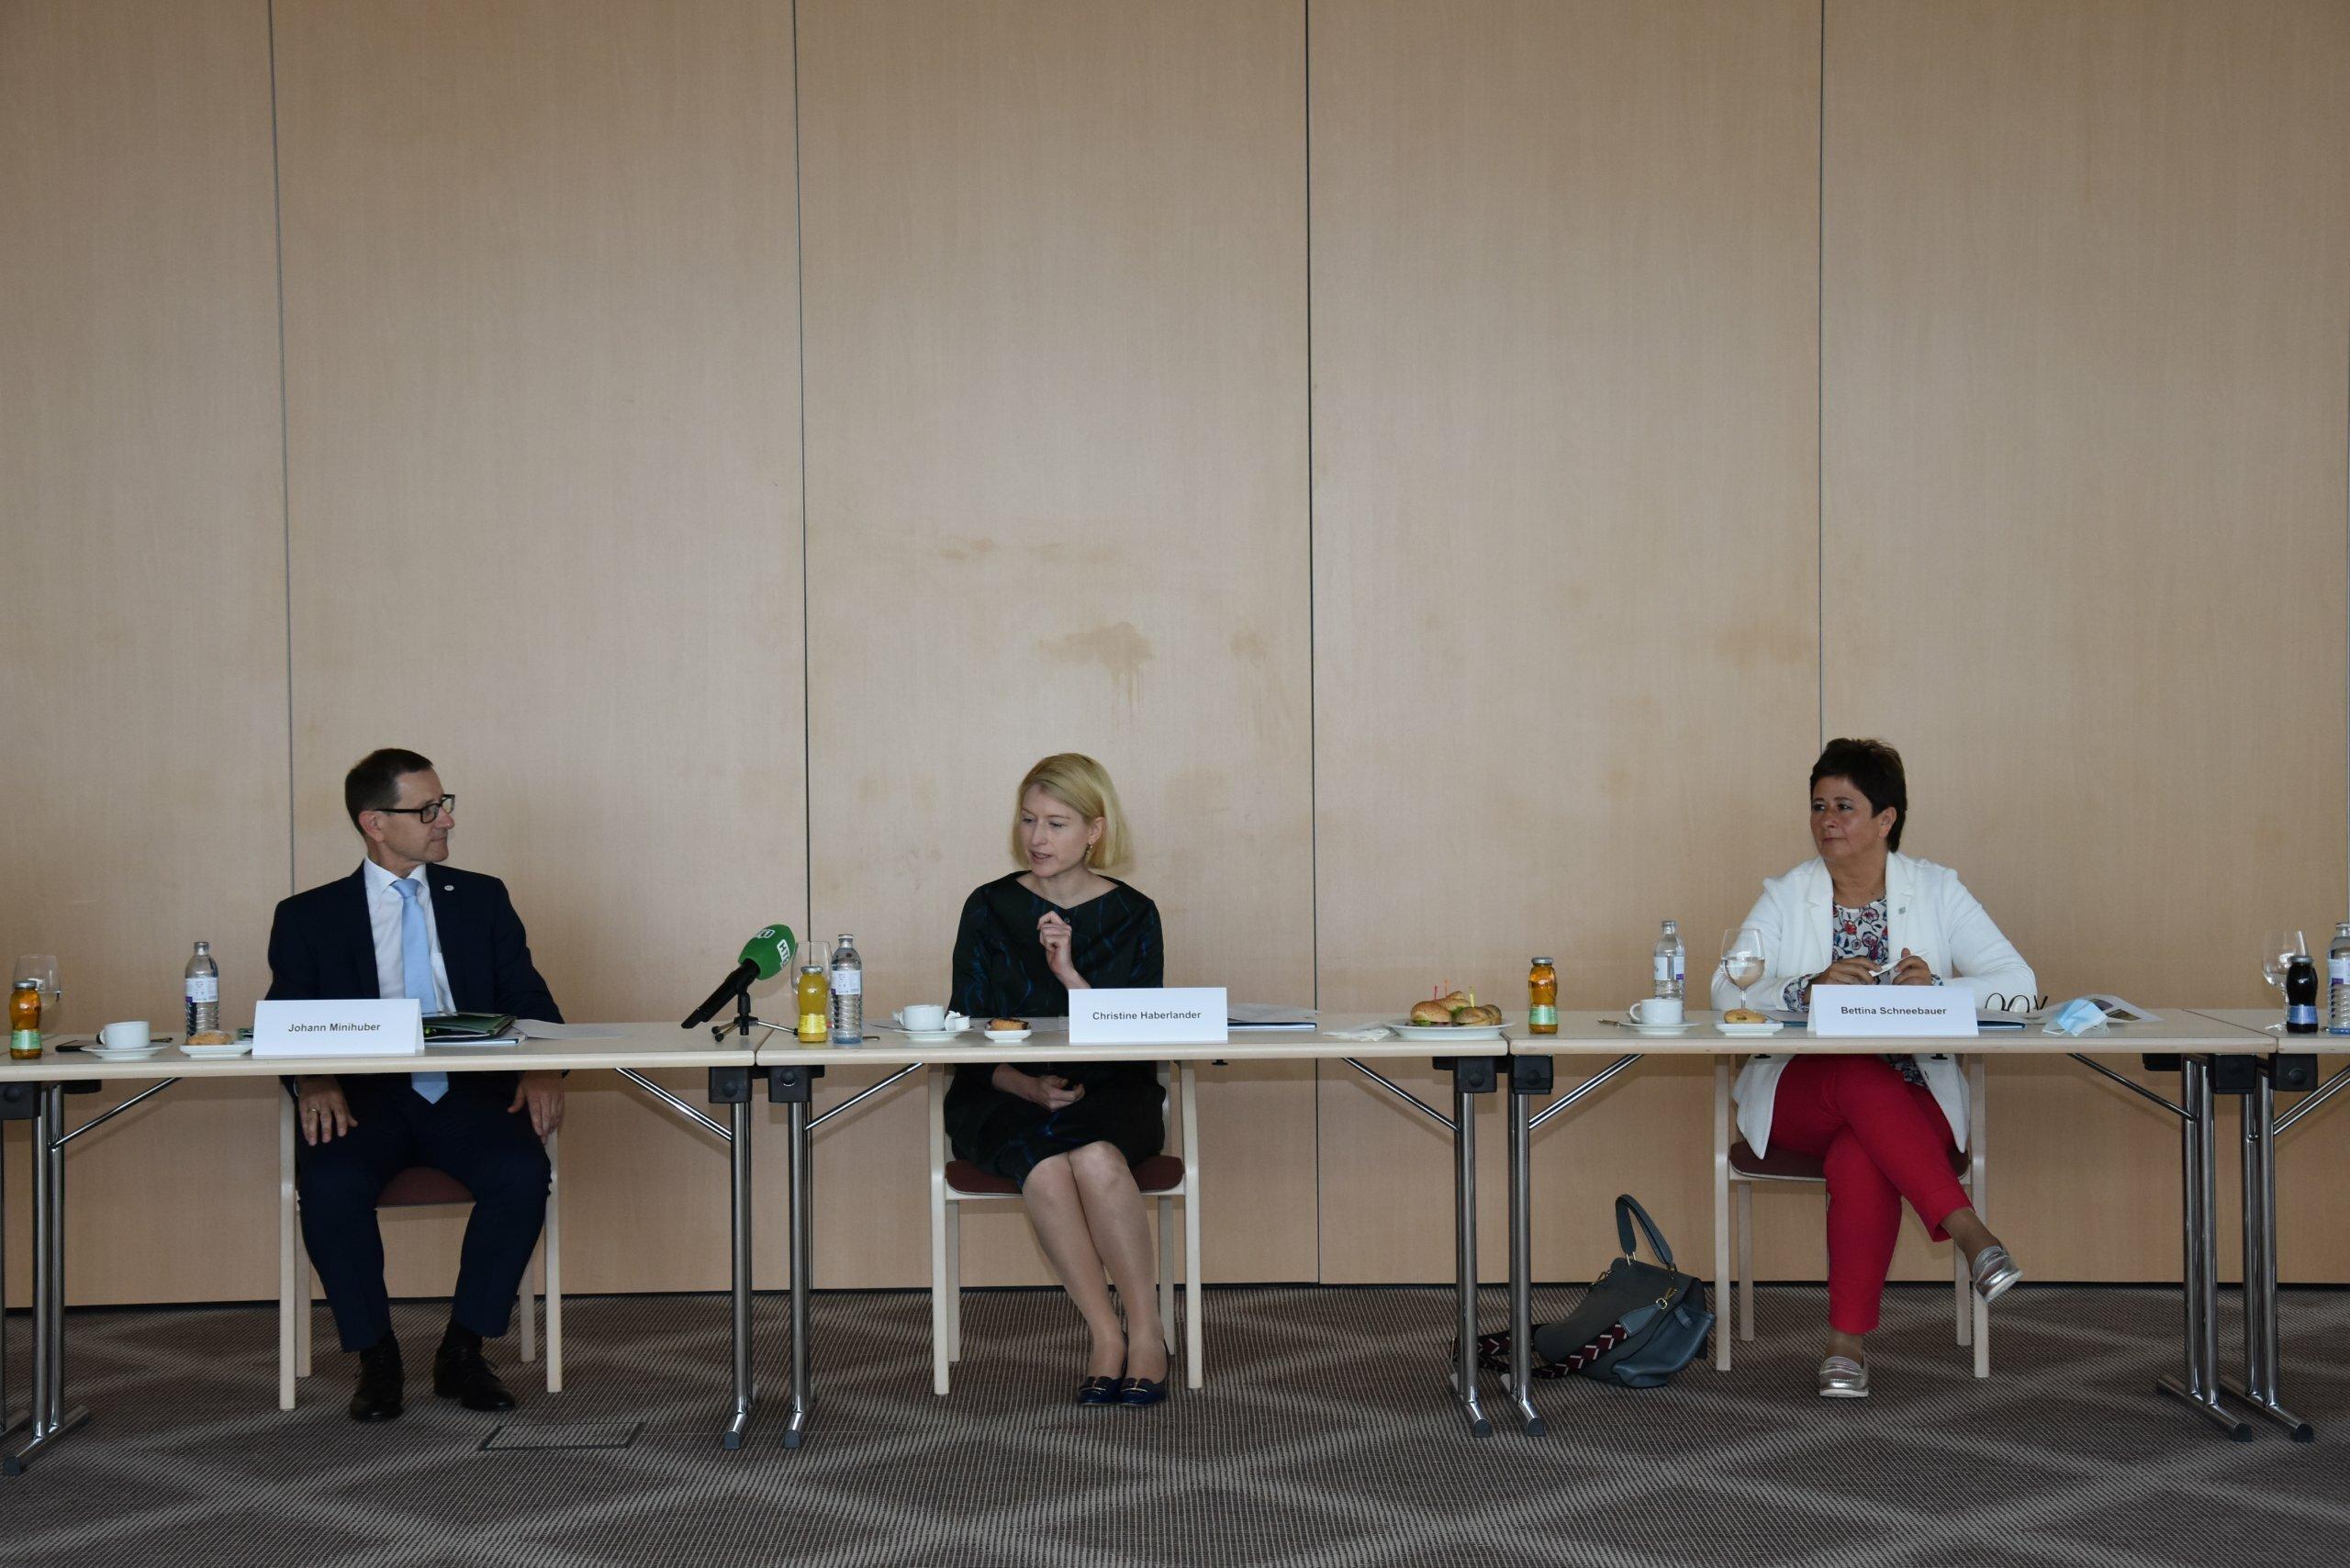 Pressekonferenz neues Campusgebäude Ried Juni 2020 Mag. Johann Minihuber, LH Stv. Mag. Christine Haberlander, MMag. Bettina Schneebauer,